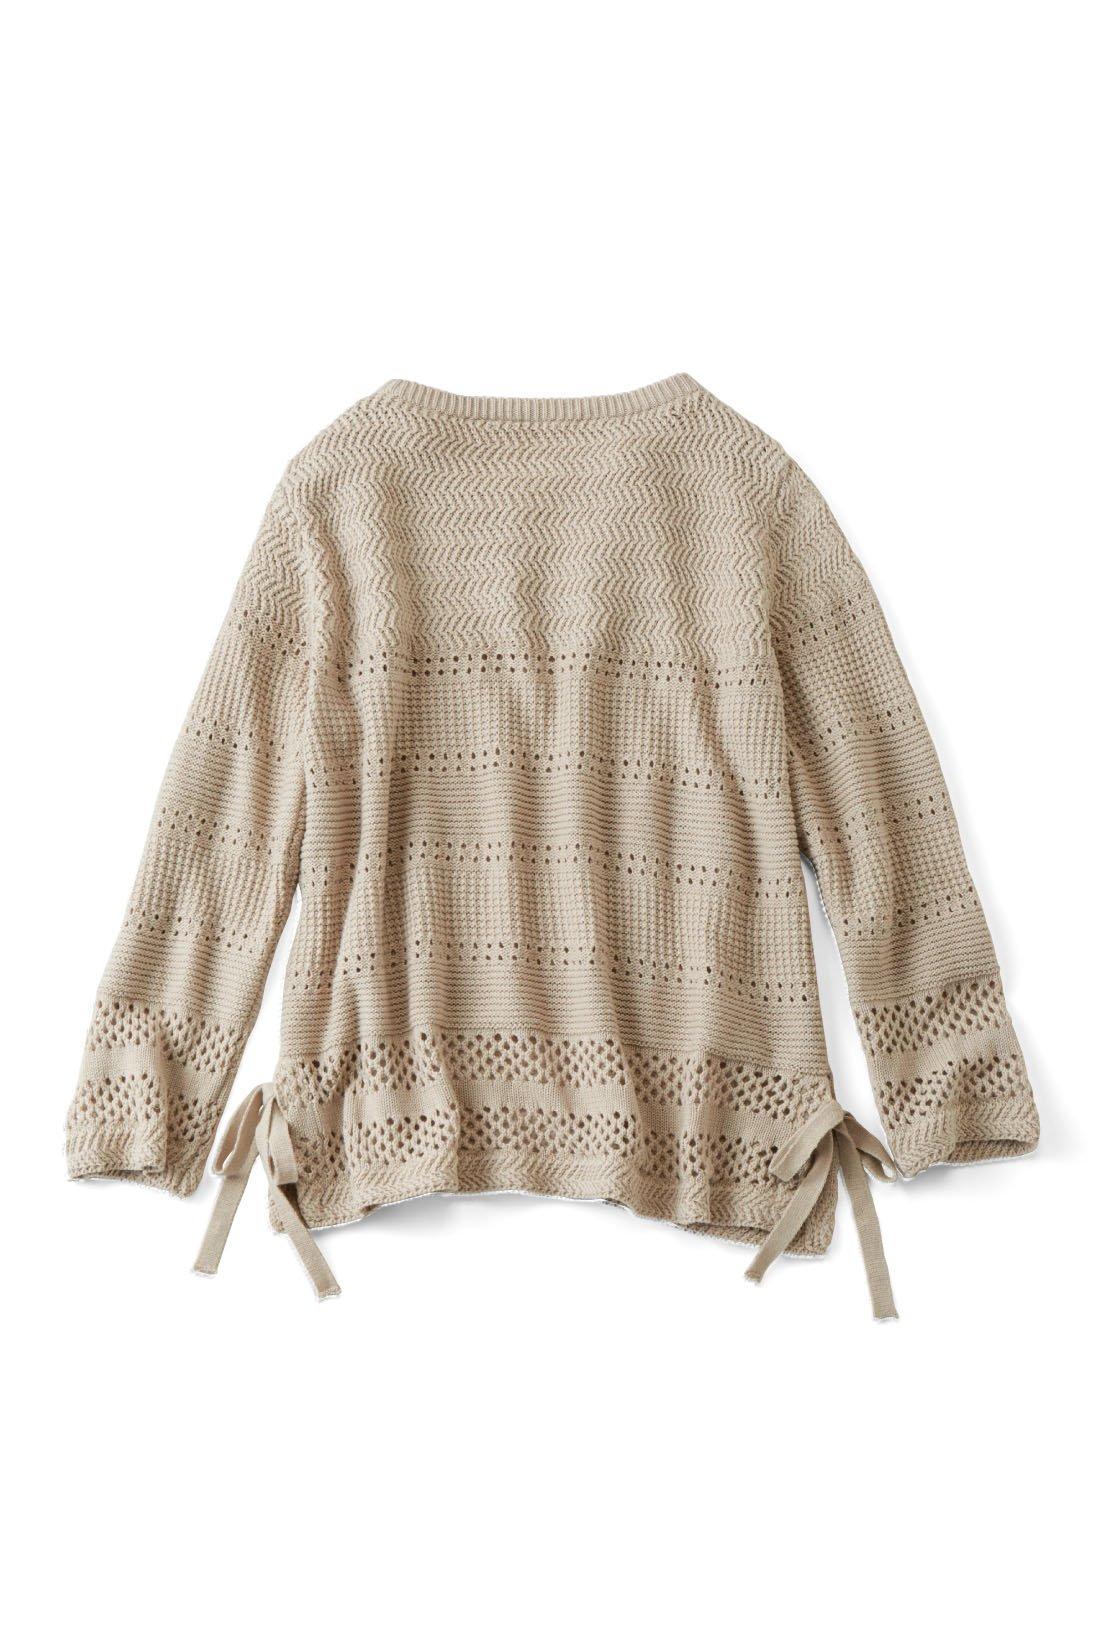 BACK 後ろも透かし編みデザインで華やか。※お届けするカラーとは異なります。